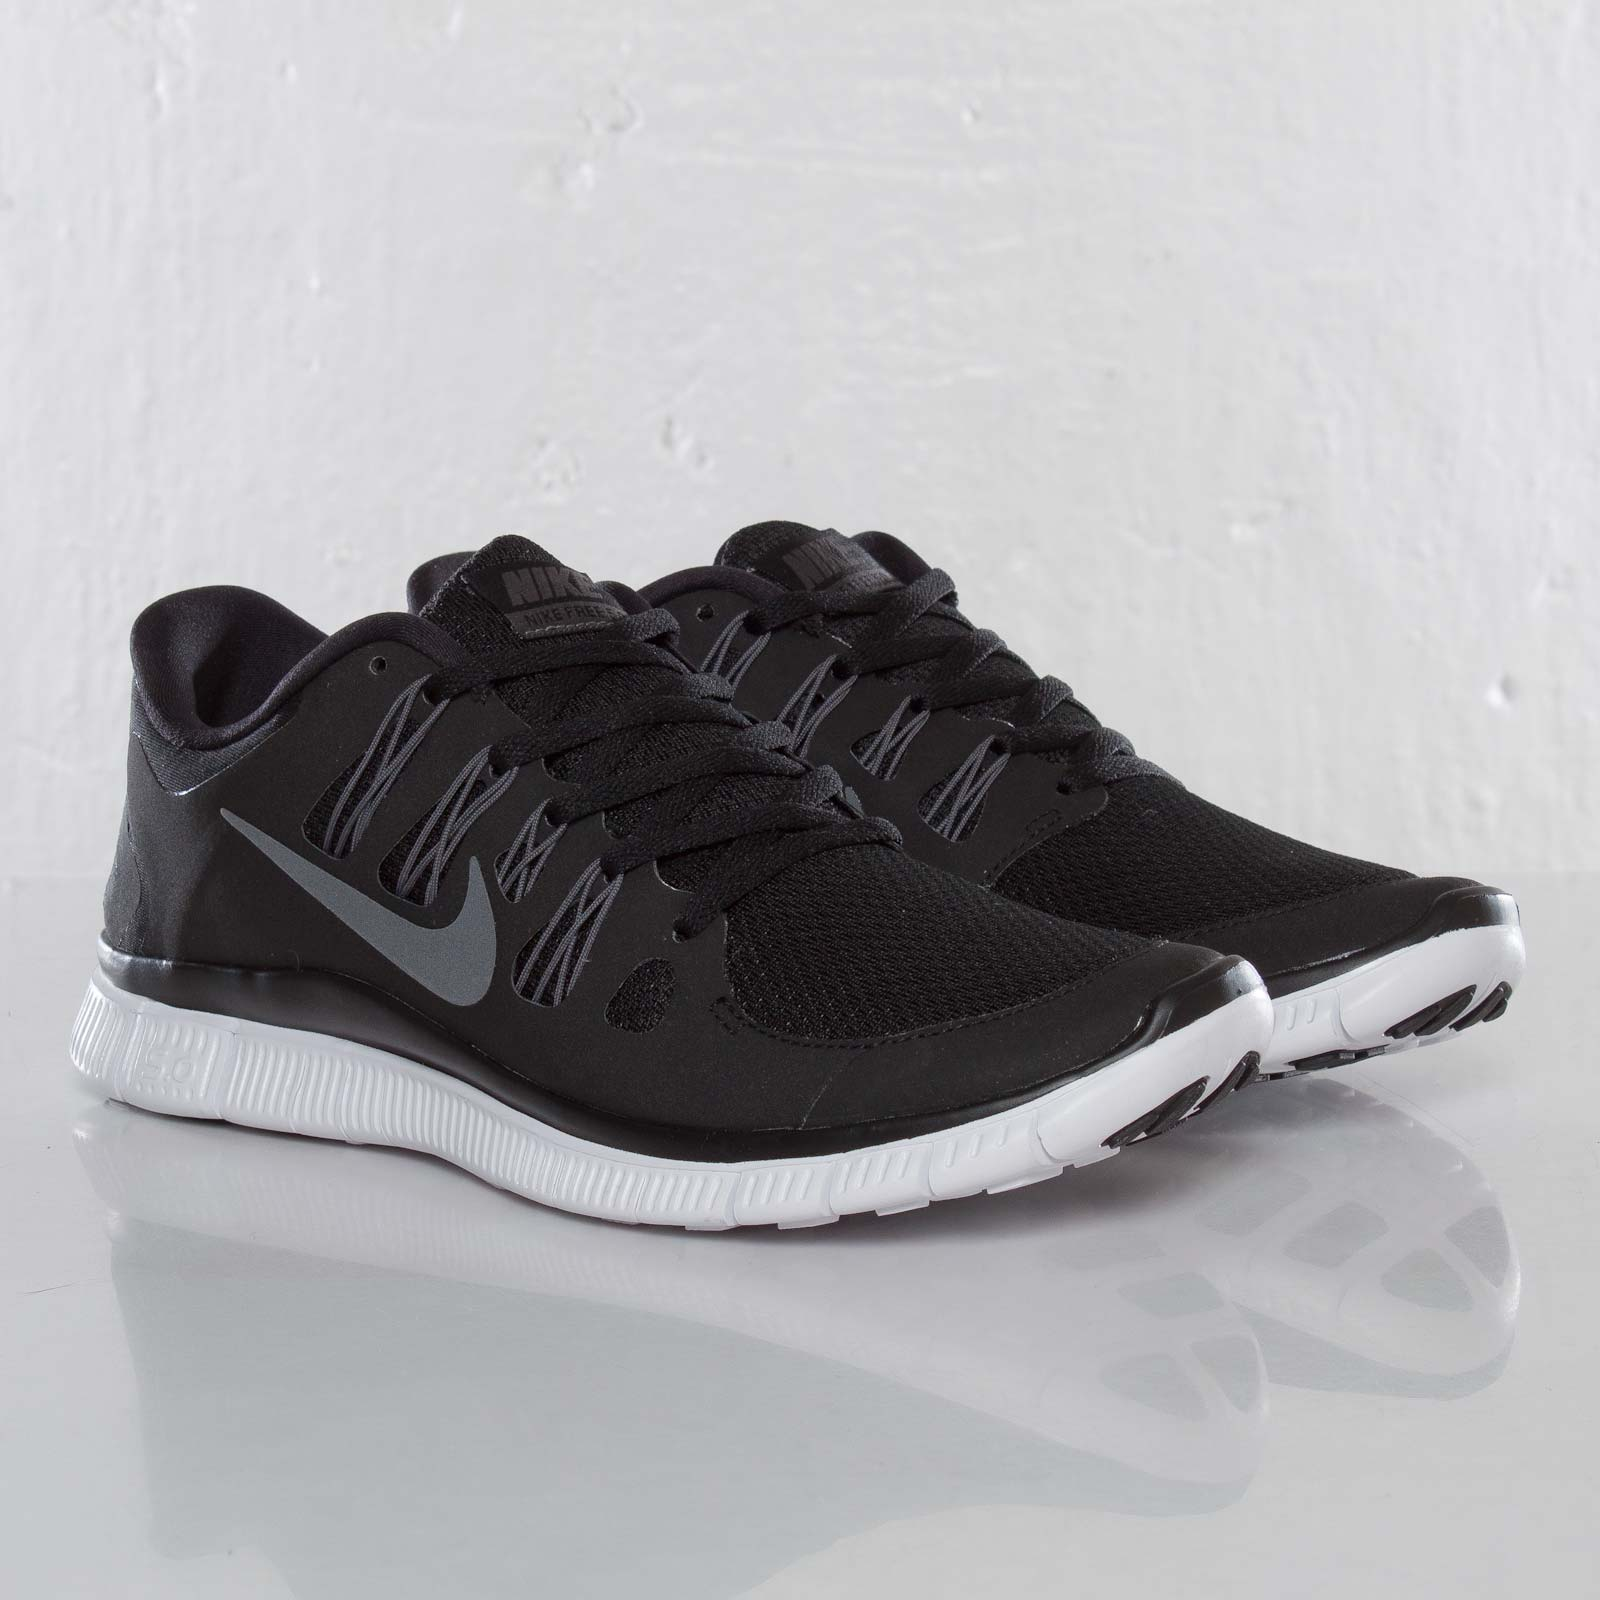 huge discount 7fe15 a3f22 Nike Free 5.0+ - 579959-002 - Sneakersnstuff | sneakers ...